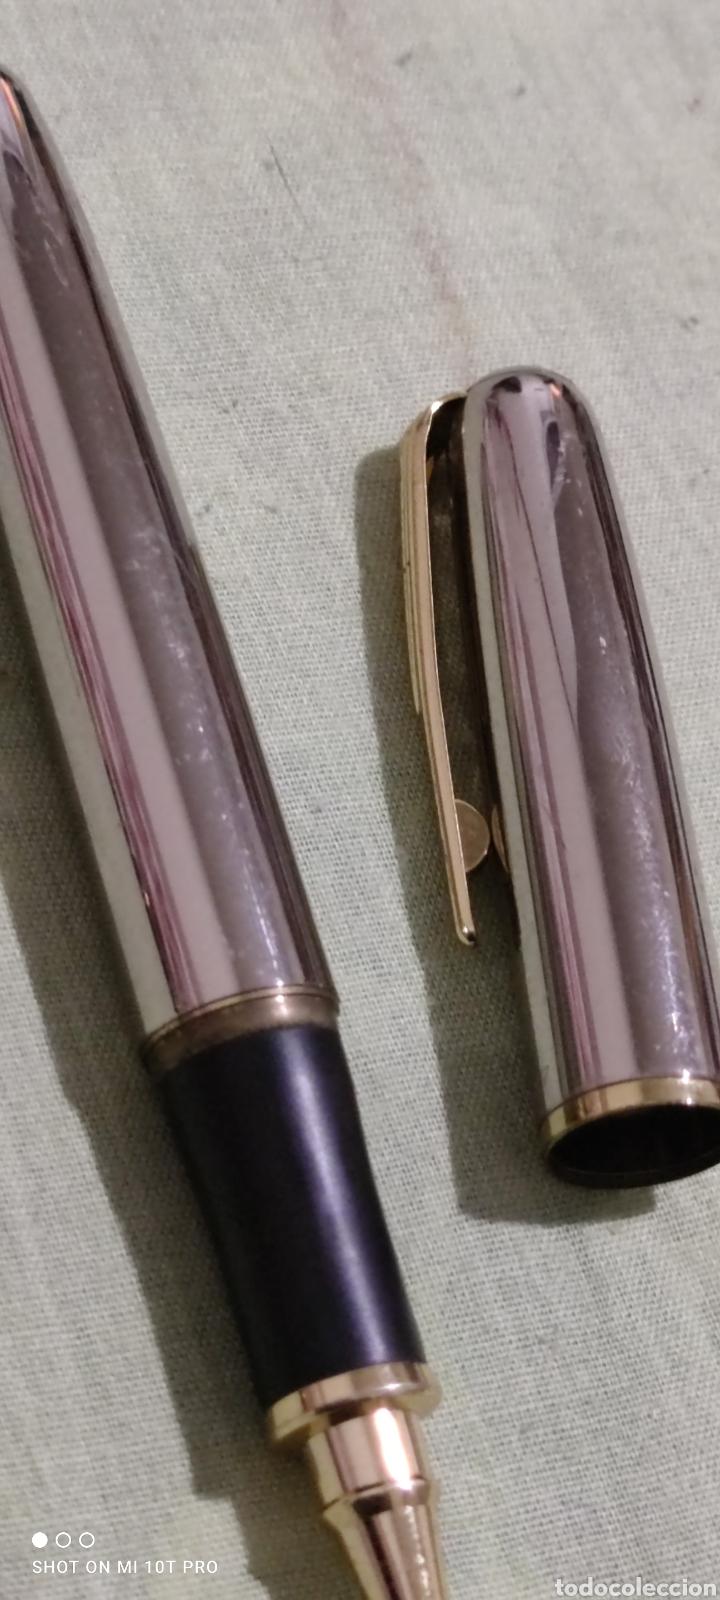 Bolígrafos antiguos: Bolígrafo tombow - Foto 5 - 293661333